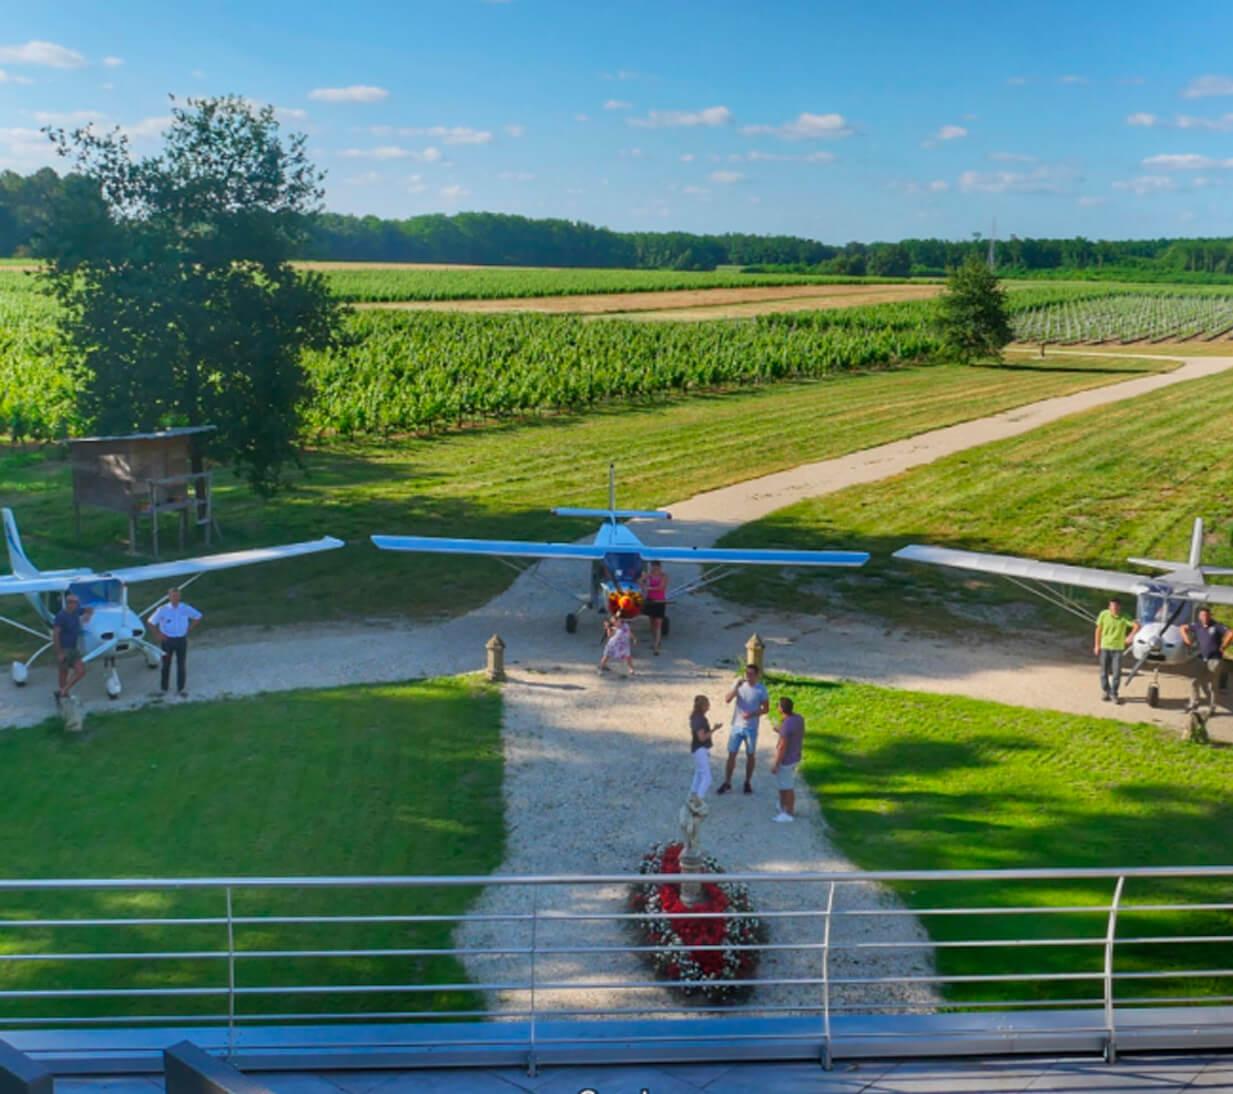 Bordeaux airlines at Chateau Venus